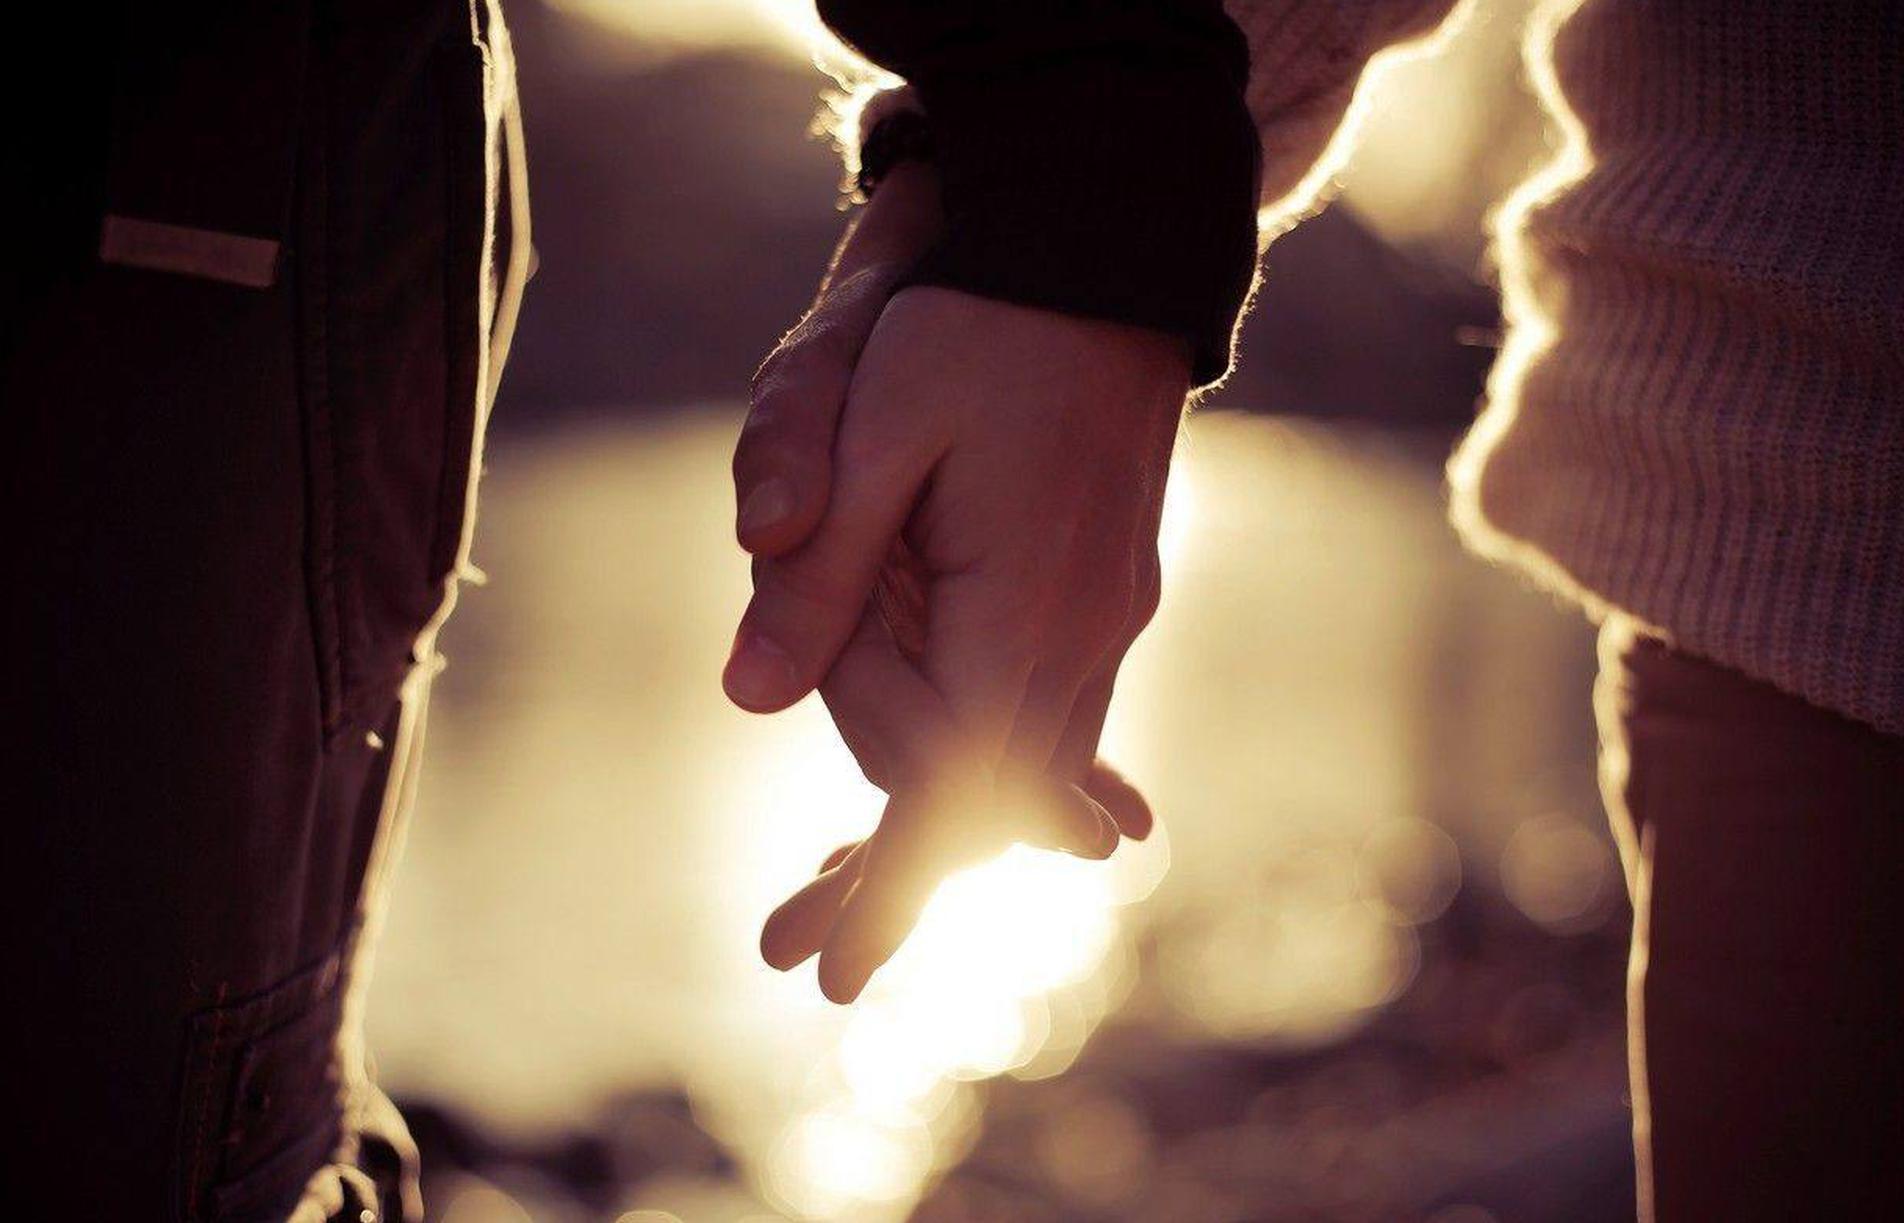 婚恋关系是什么呢?有哪些不利婚恋关系的心理?